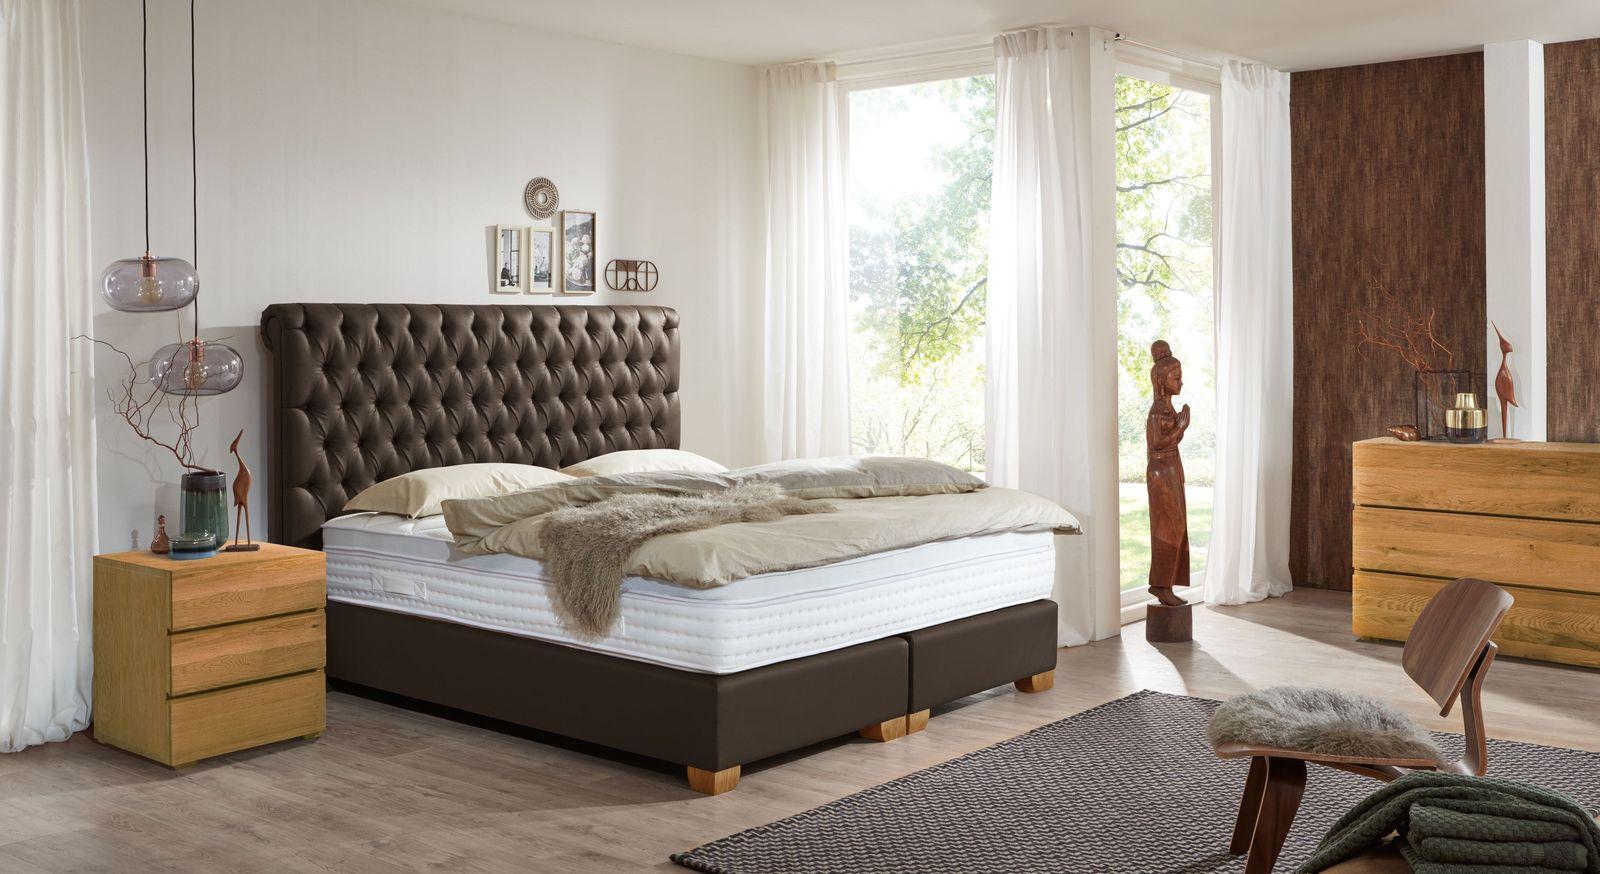 Hochwertiges Boxspringbett Providence mit passenden Schlafzimmermöbeln